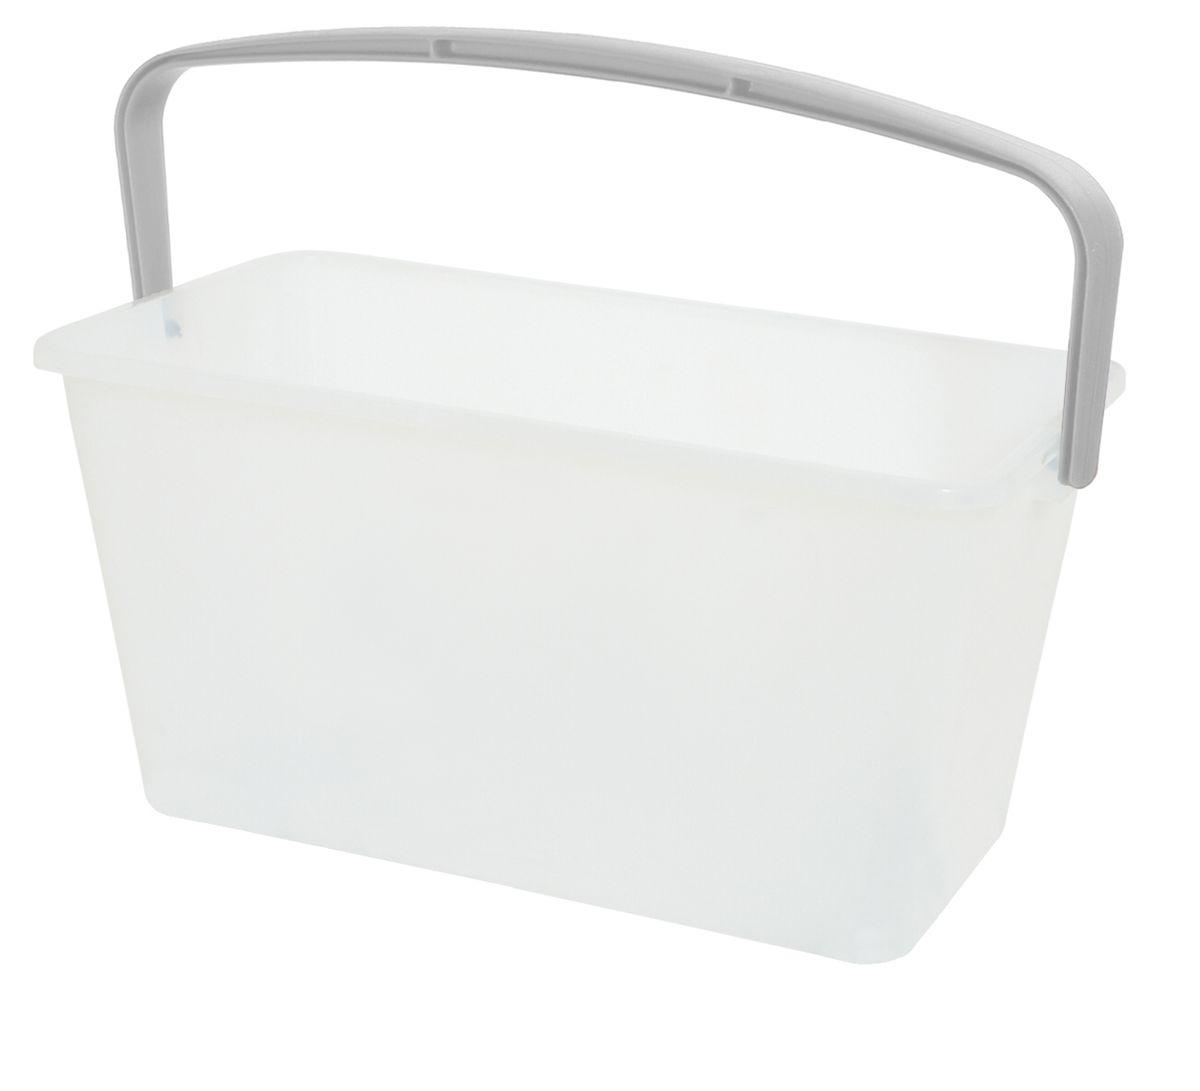 Ведро Apex, 13лK100Прямоугольное ведро Apex изготовлено из пластика. Оно легче железного и не подвержено коррозии. Ведро имеет привлекательный дизайн. Для удобства использования ведро оснащено пластиковой ручкой и мерной шкалой. Характеристики: Материал: пластик. Размер: 42 см х 21 см х 22 см. Объем: 12 л. Производитель: Италия. Артикул: 10360.